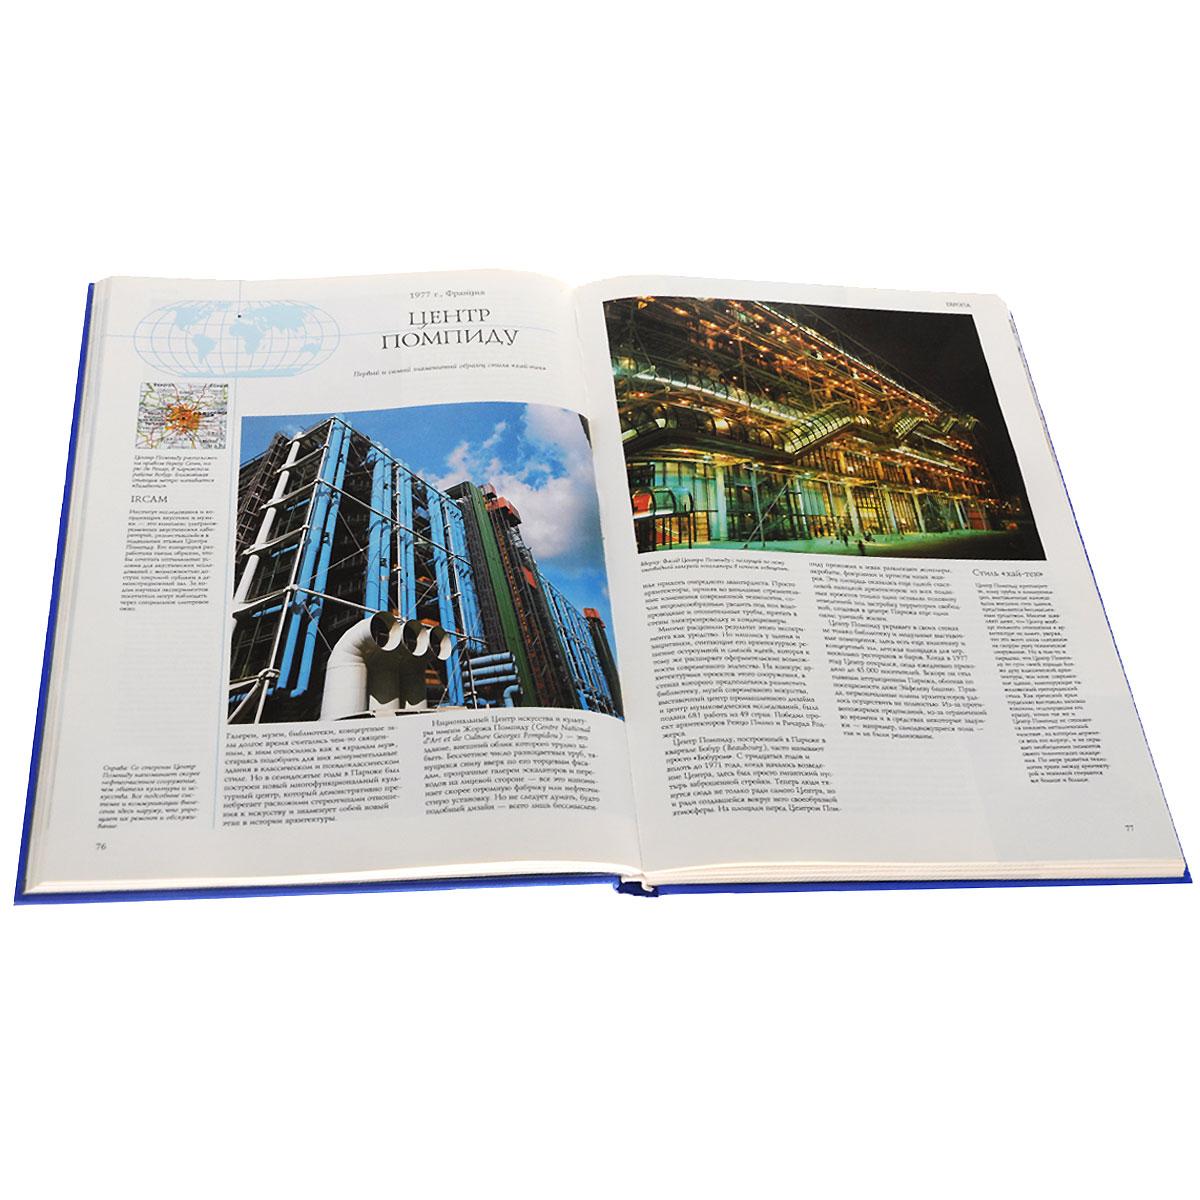 Атлас чудес света. Выдающиеся архитектурные сооружения и памятники всех времен и народов